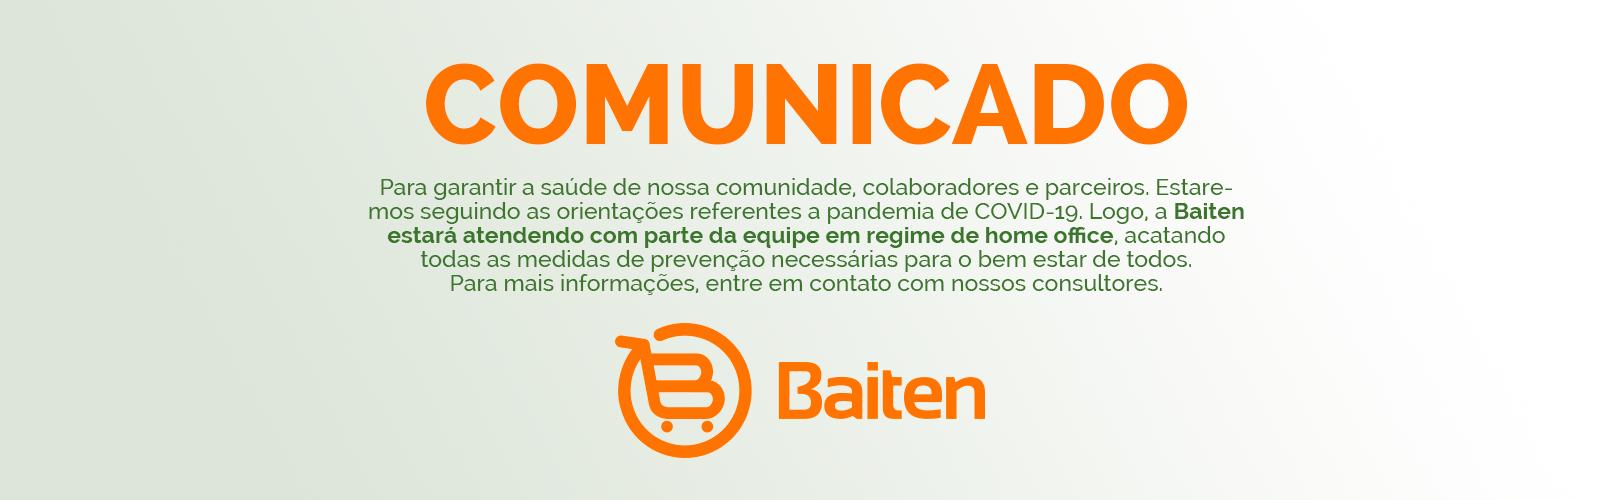 Comunicado Baiten